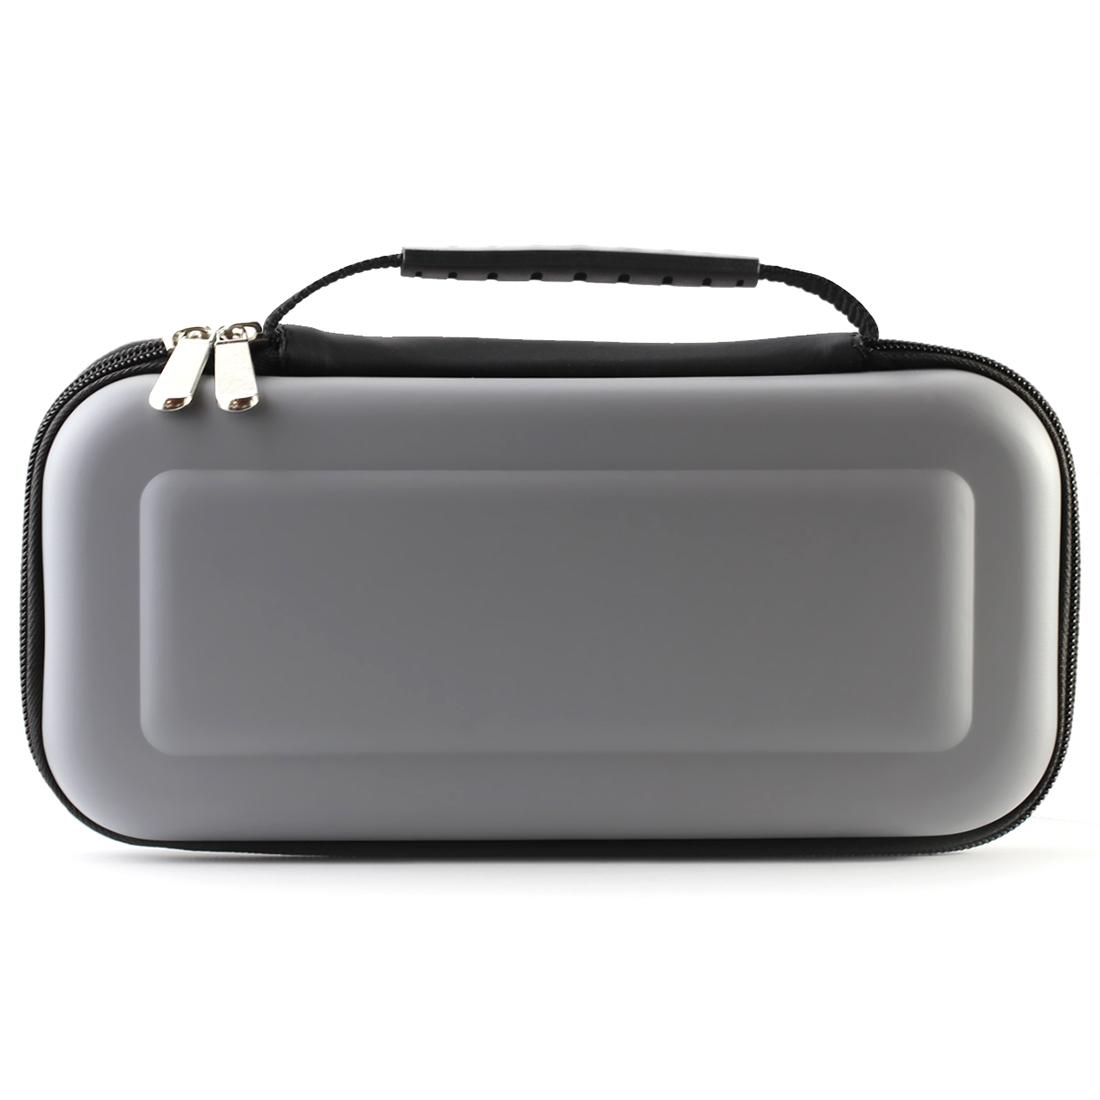 Portable Eva Storage Bag Handbag Protective Box For